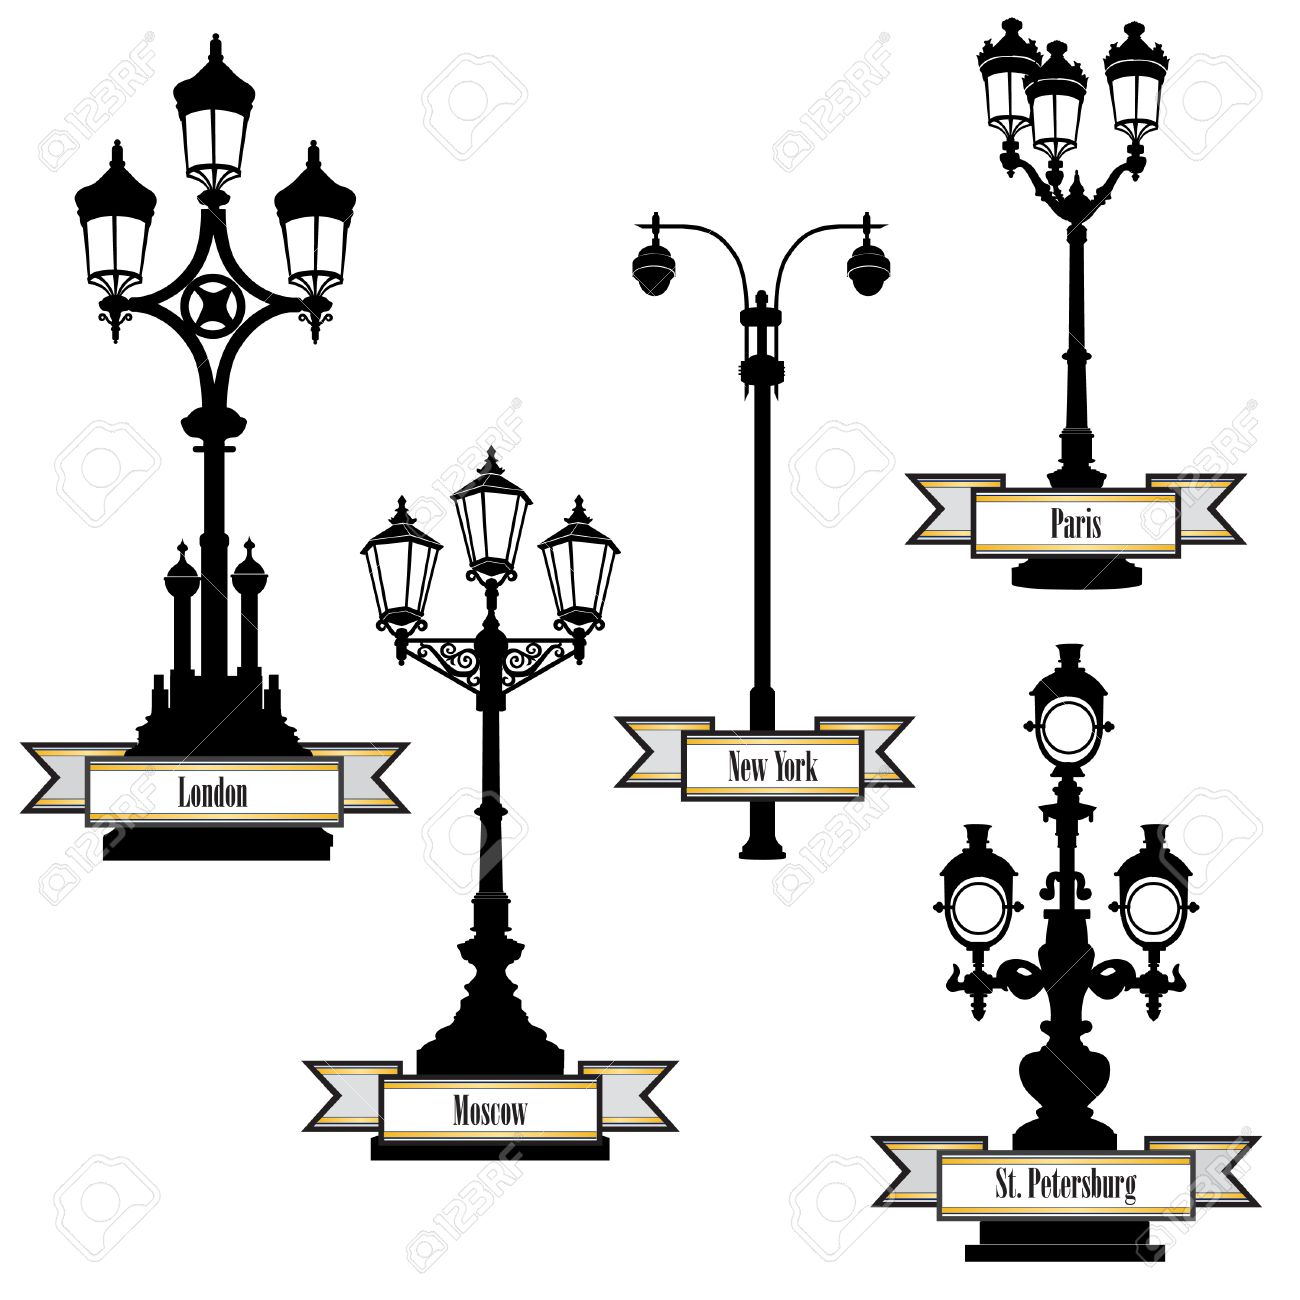 Rue Etiquette De La Lampe Definie Les Lampadaires De Londres Paris